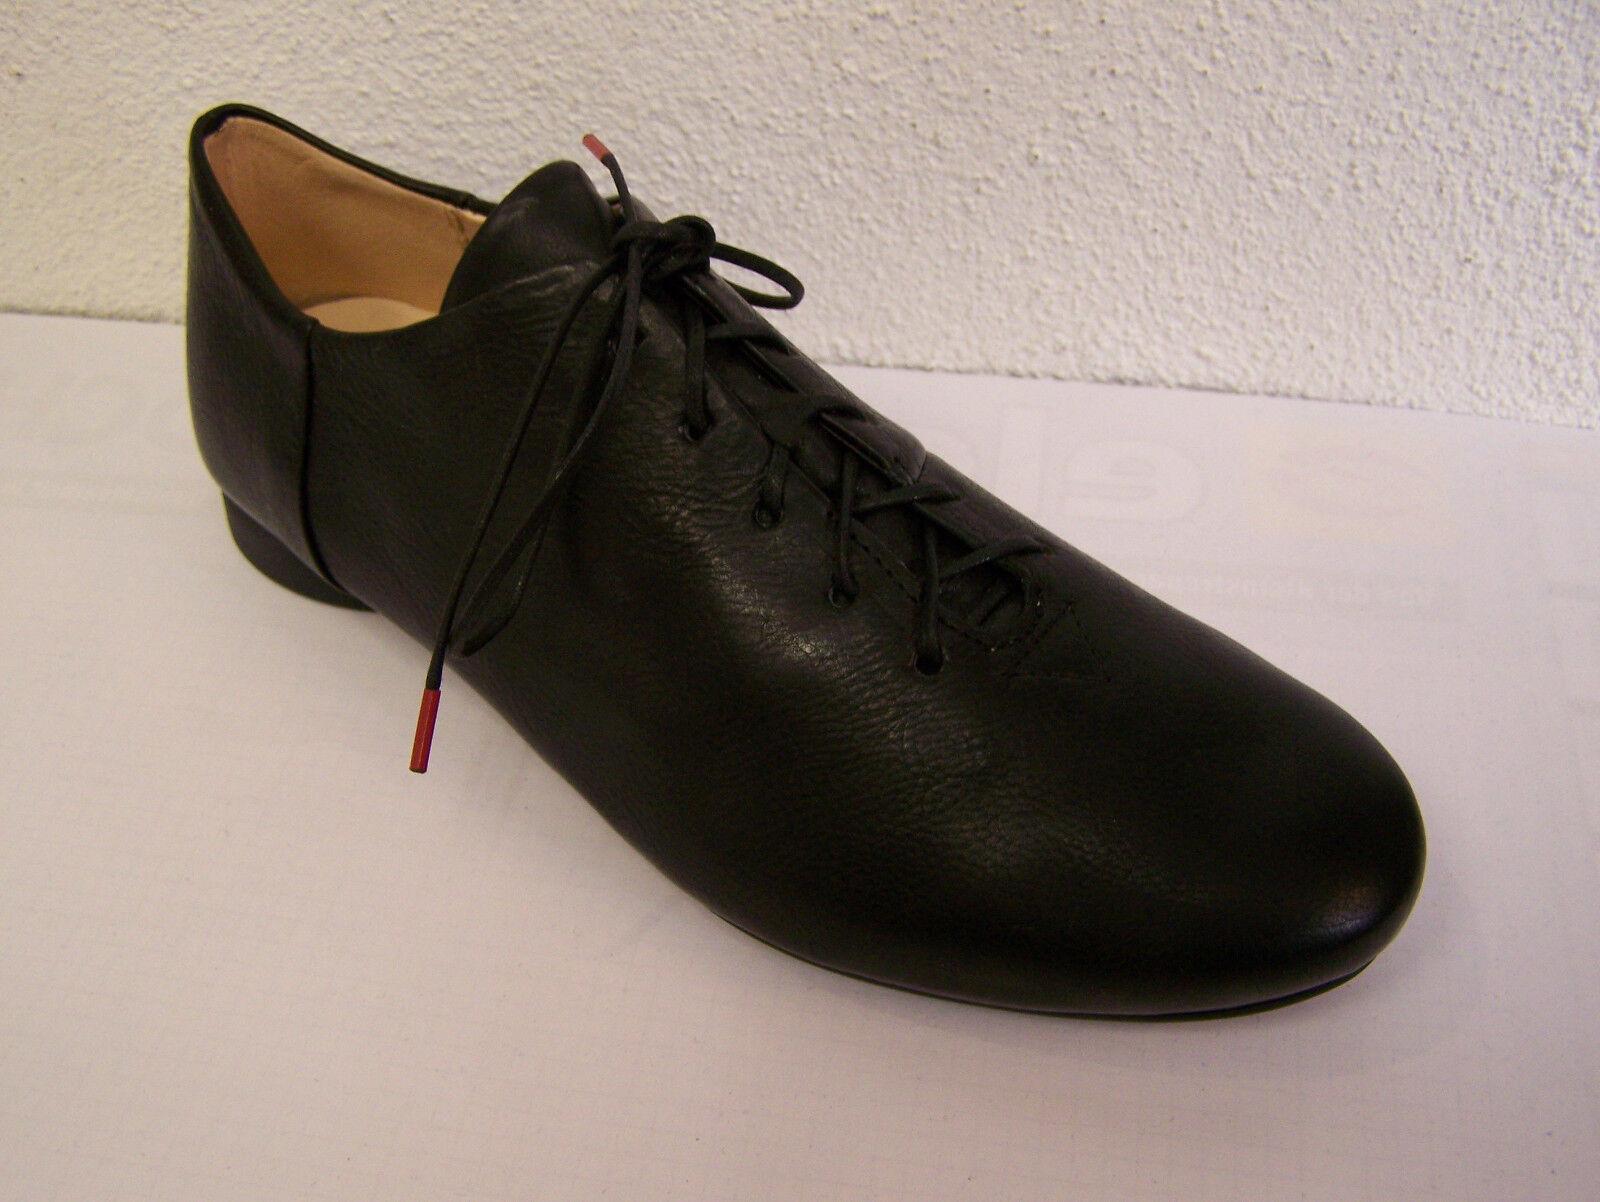 Think  Schuhe Modell Guad Schnürer Schnürer Guad schwarz oil calf weich & Schuhbeutel eea59f